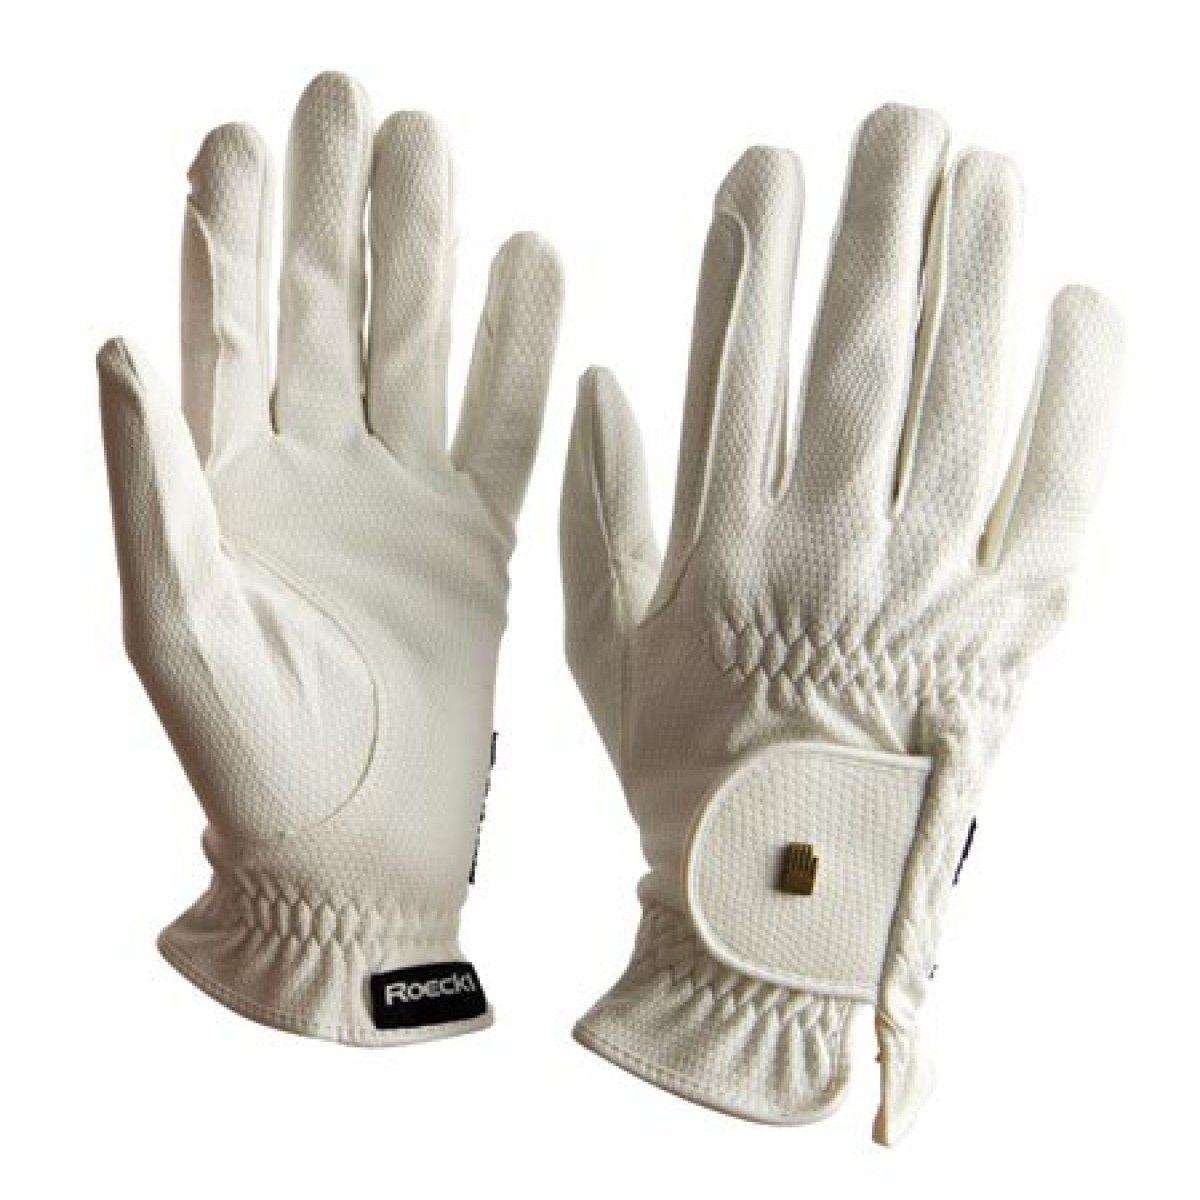 Roeckl Vesta Riding Gloves White 99 95 Riding Gloves Horse Riding Gloves Gloves